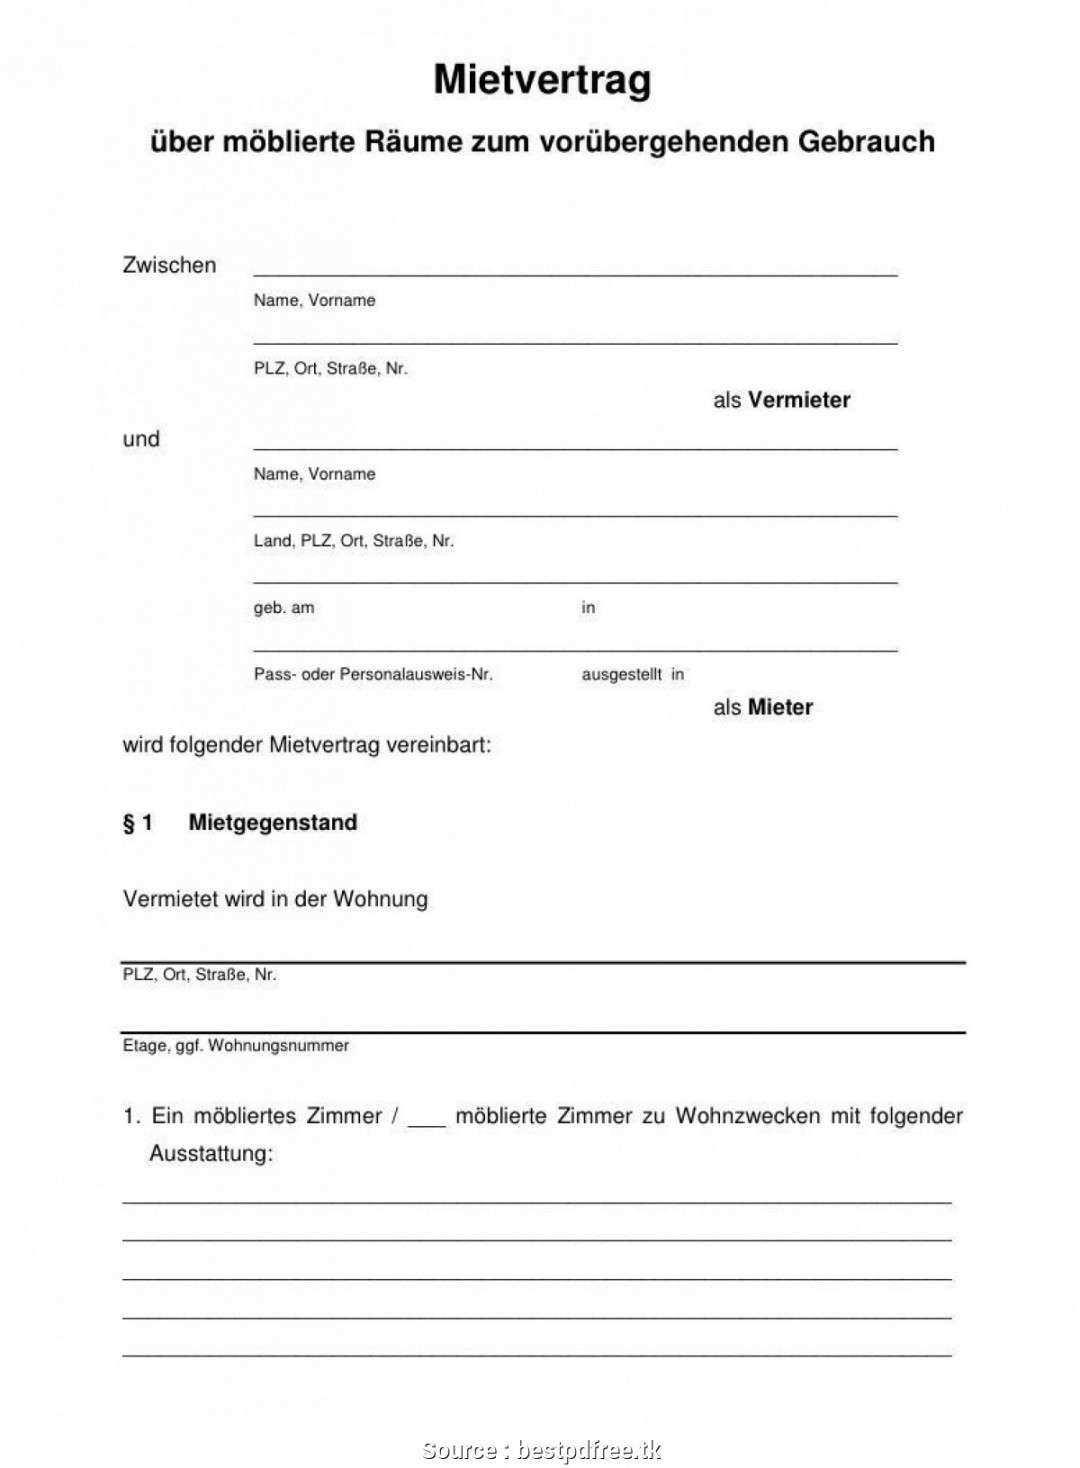 Praktischangente Kundigungsbestatigung Vermieter Vorlage Kostenlos Vorlagen Word Lebenslauf Vorlagen Lebenslauf